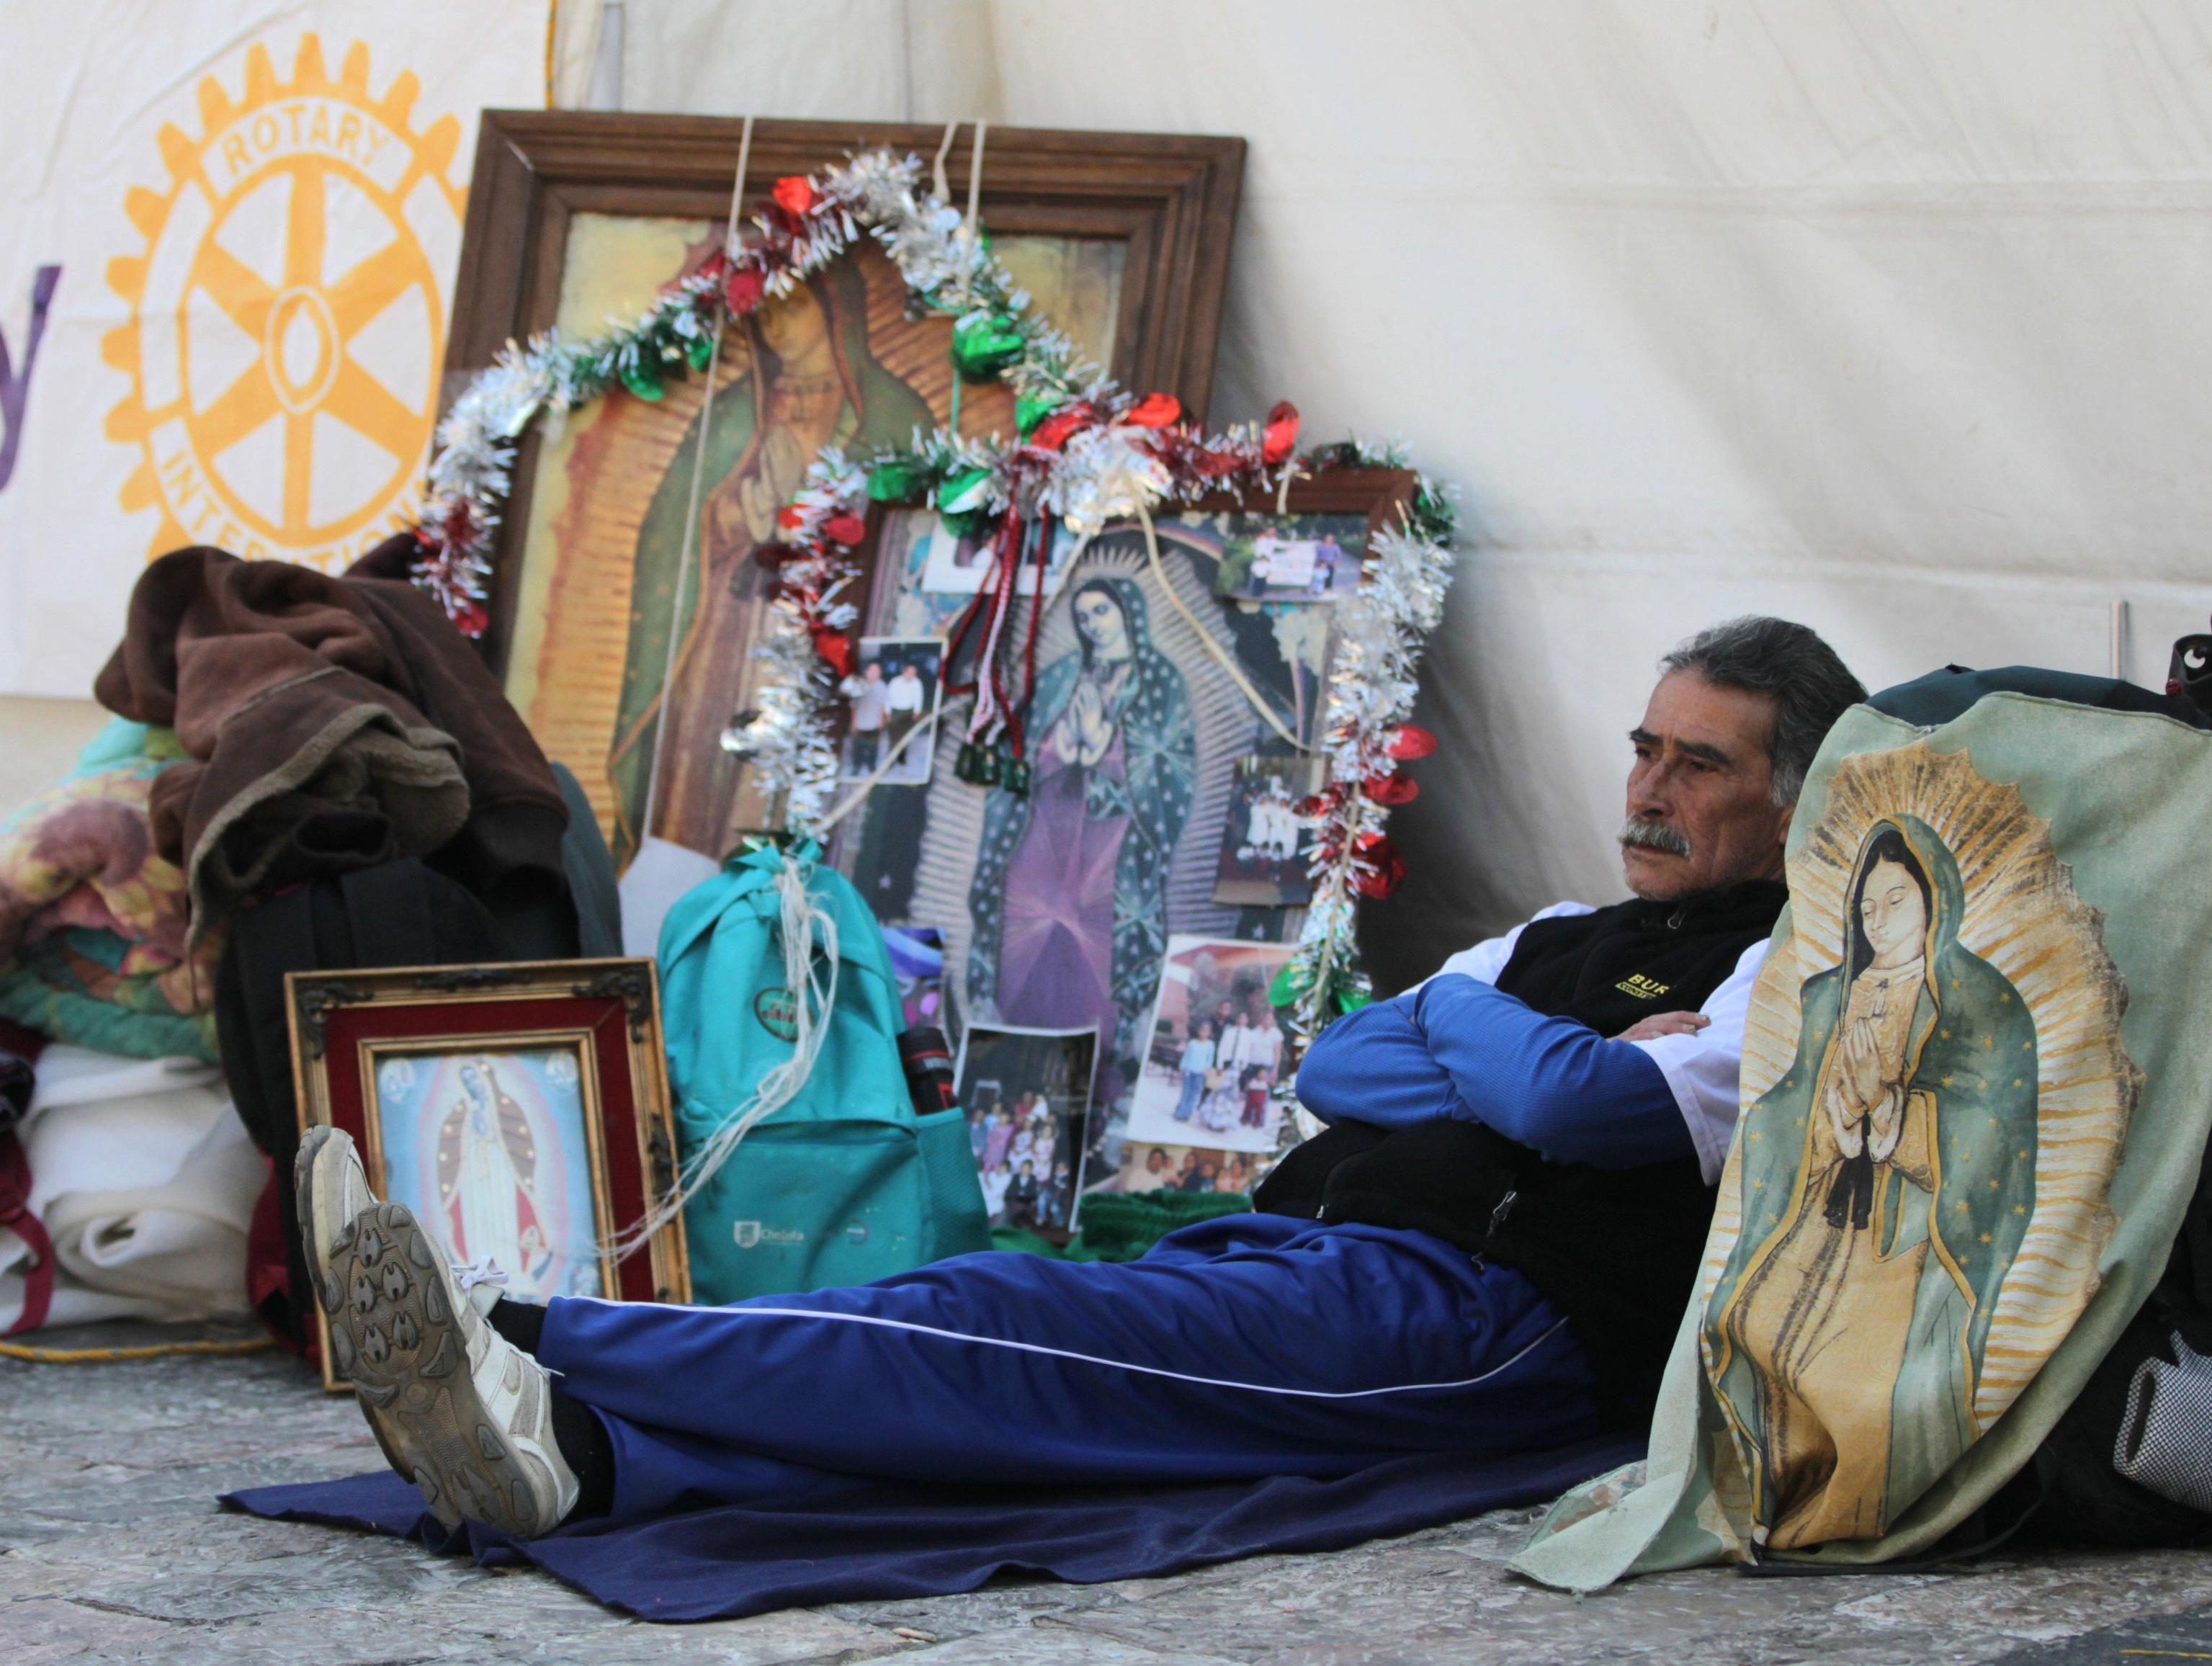 Alcuni pellegrini si sono appostati già da molte ore per le celebrazioni